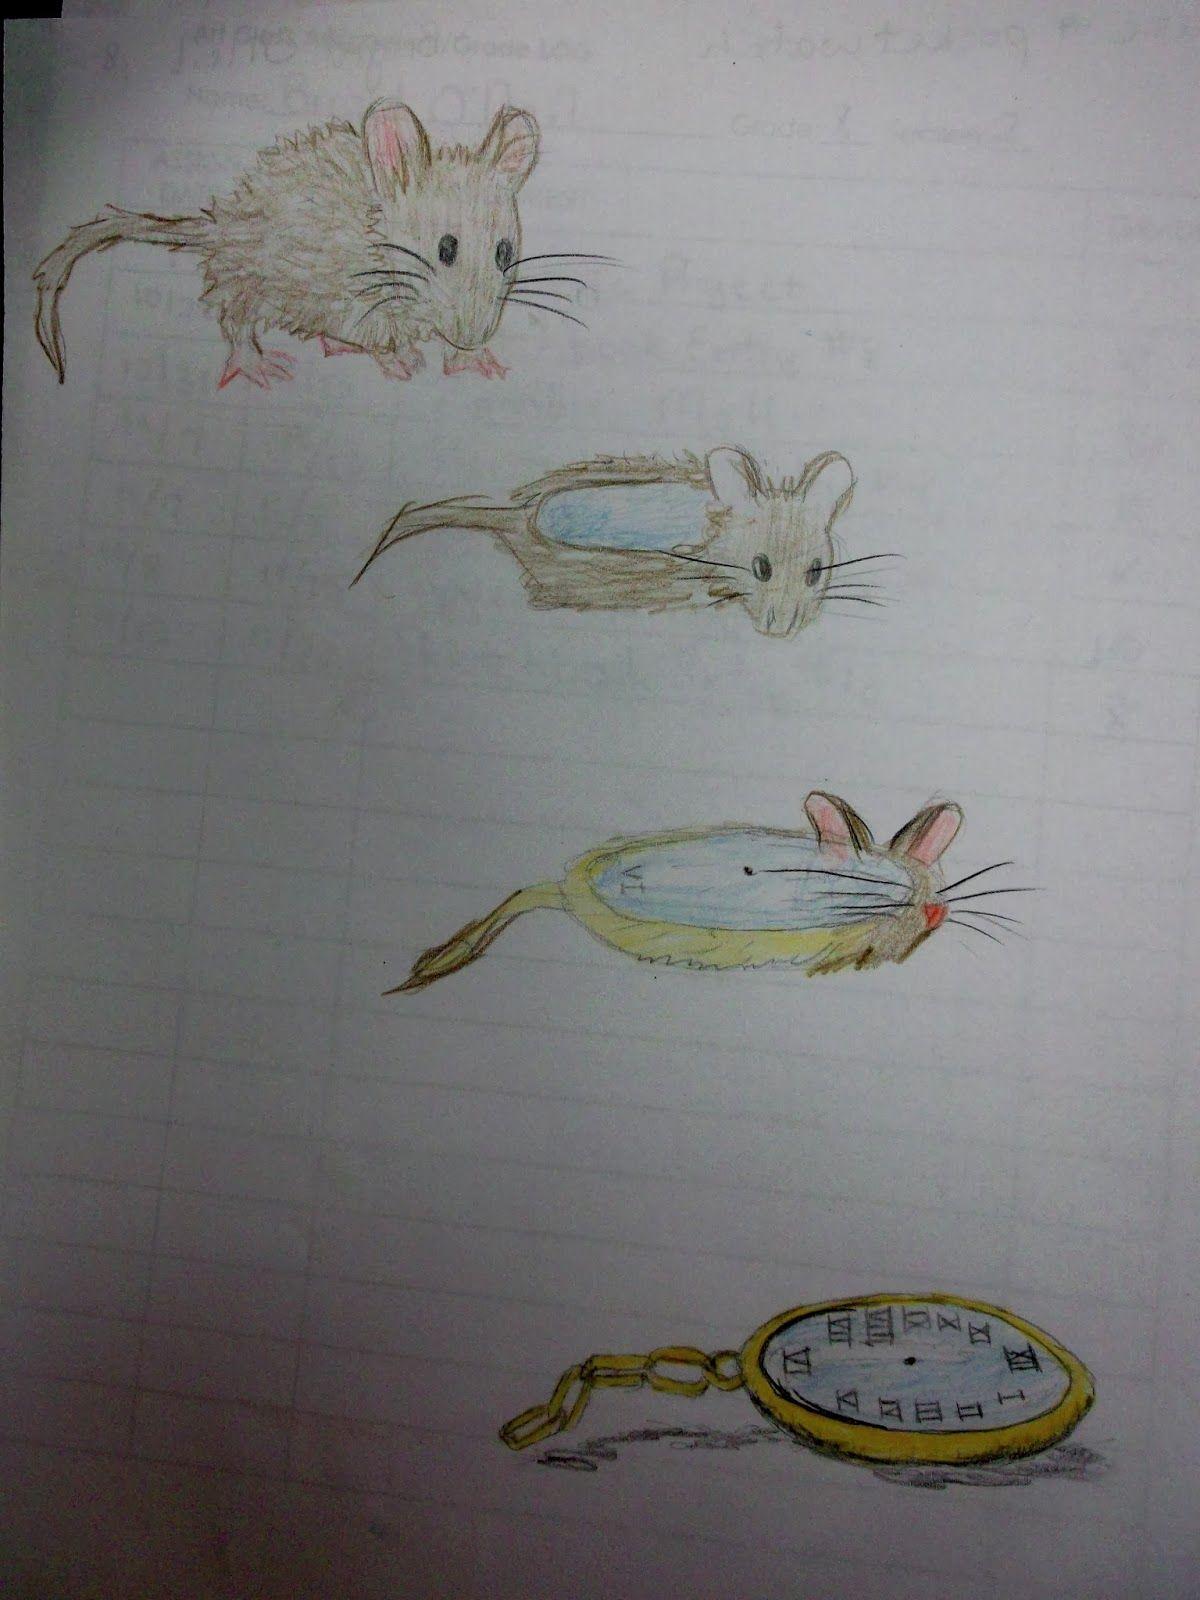 Virginia Heinl S Art Blog 8th Grade Sketchbook